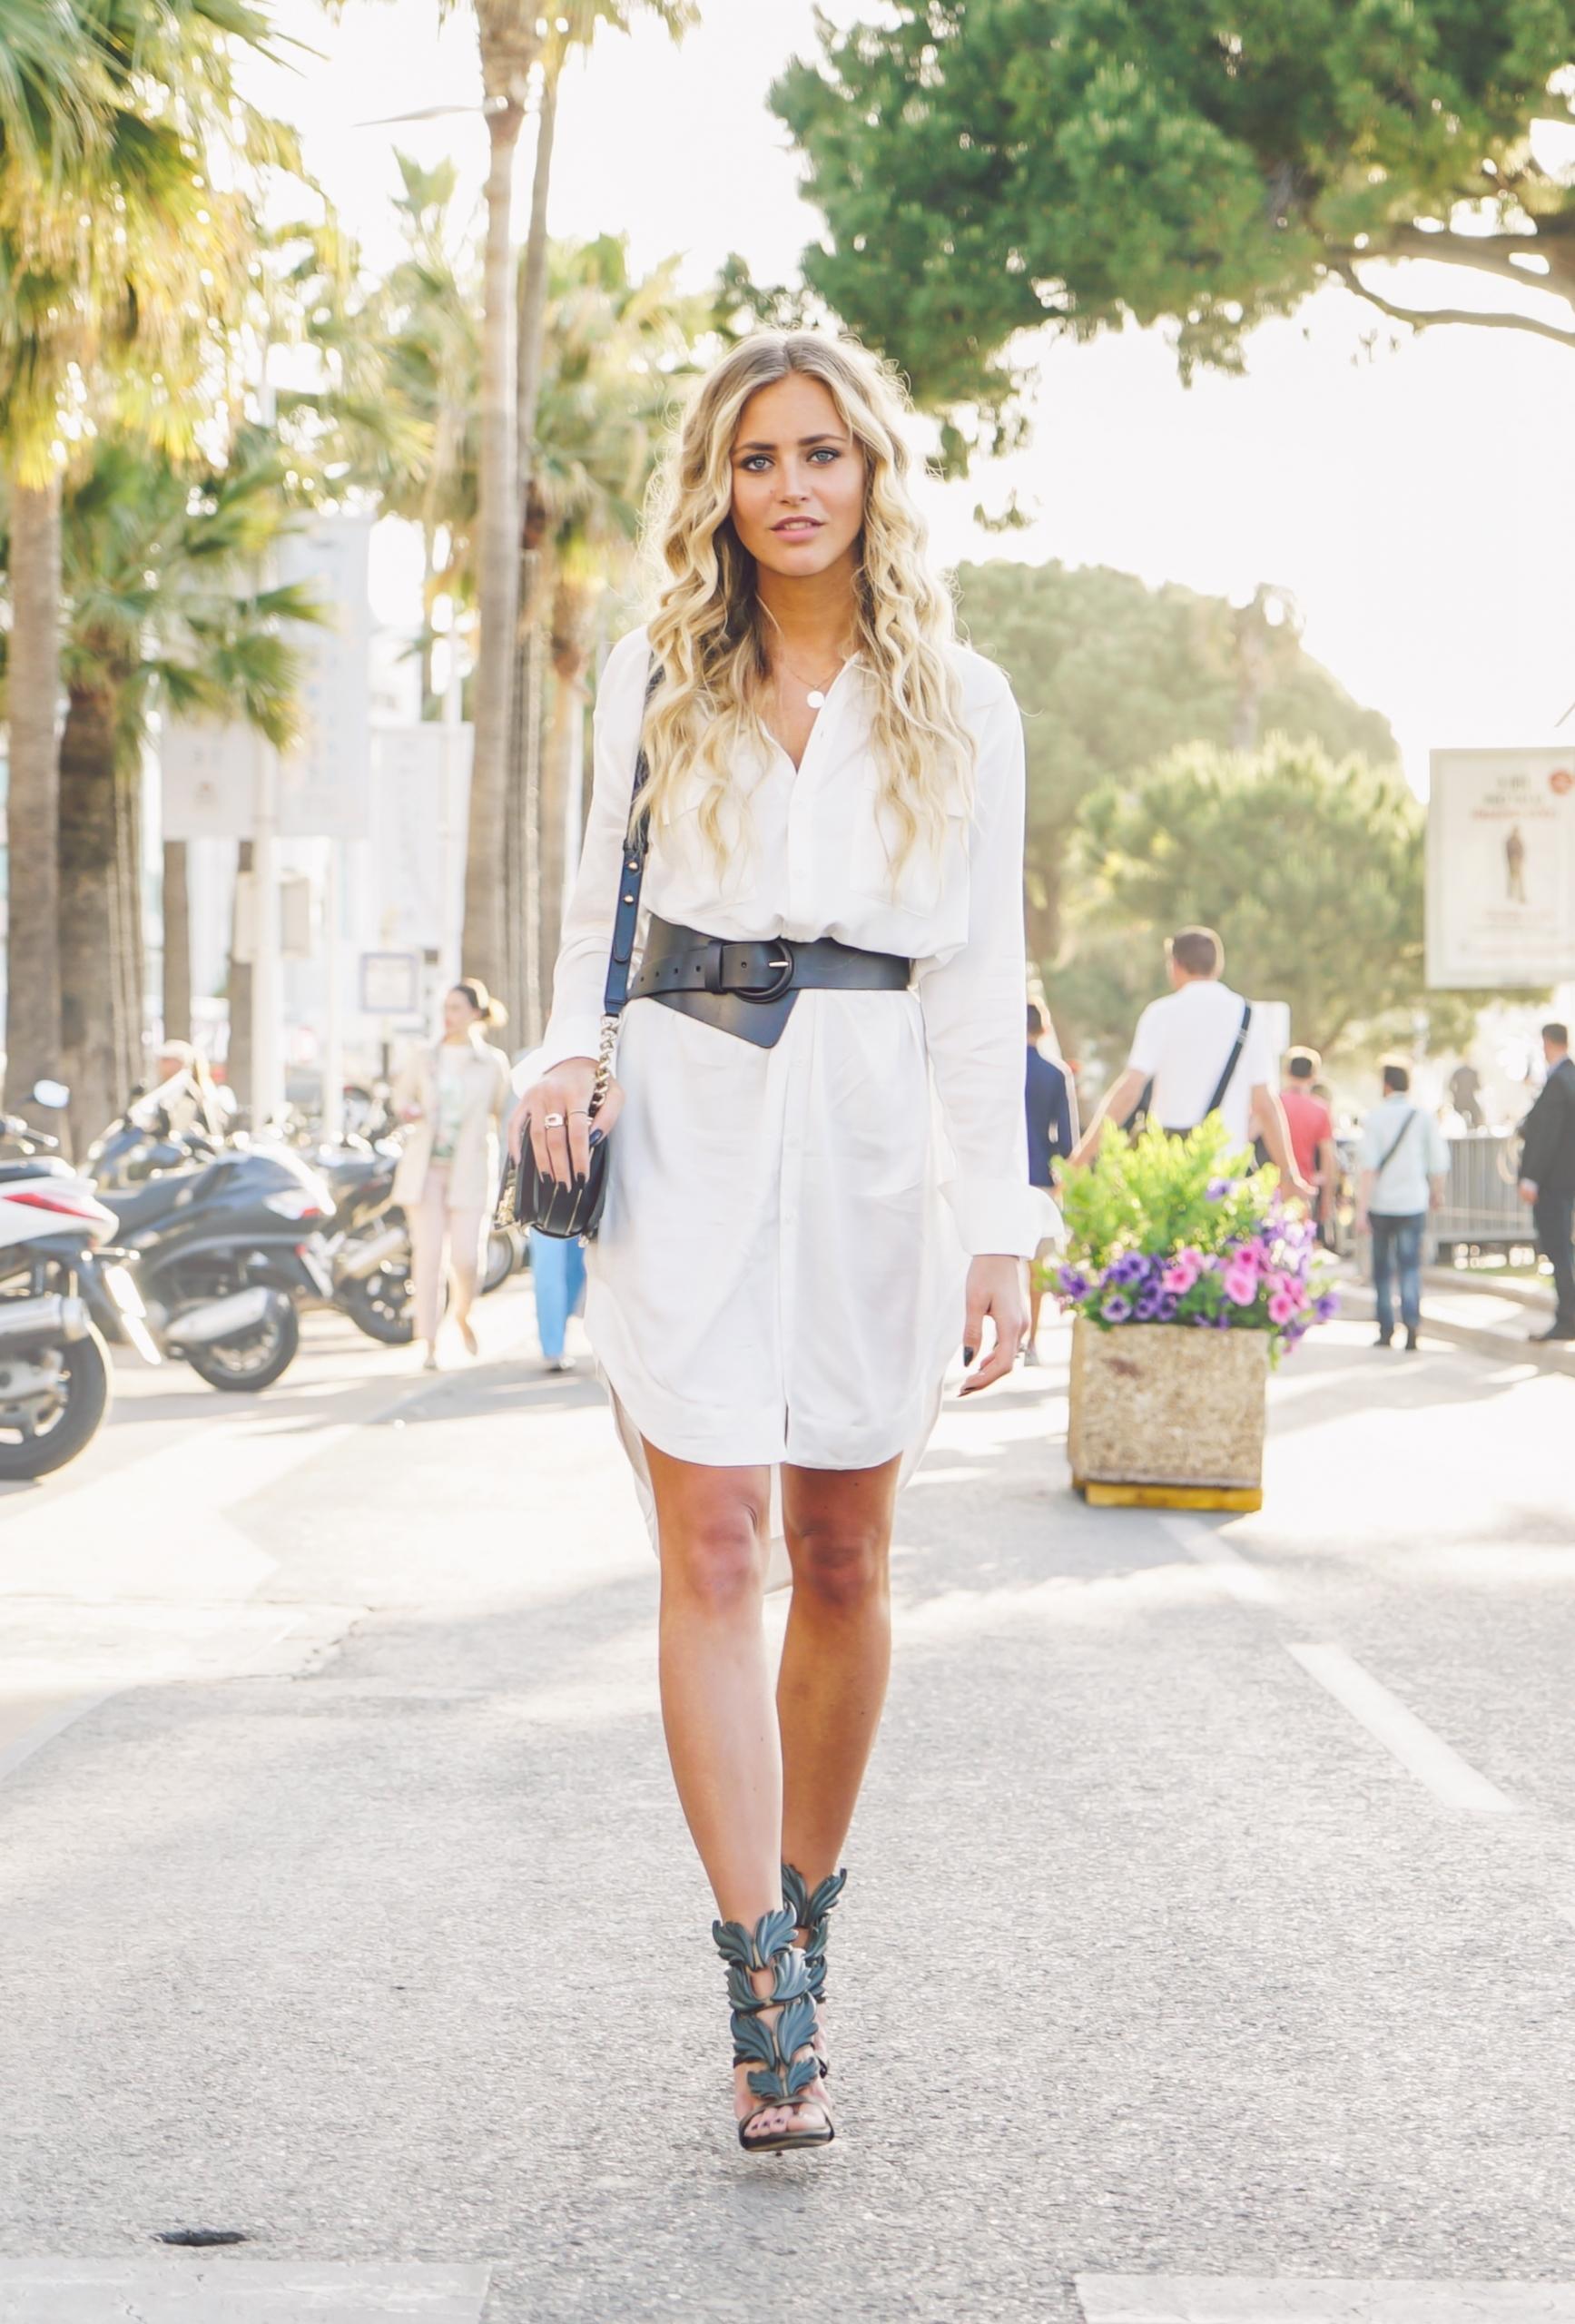 Modetrends 2017 / 2018: Ein langes weißes Hemd mit Gürtel